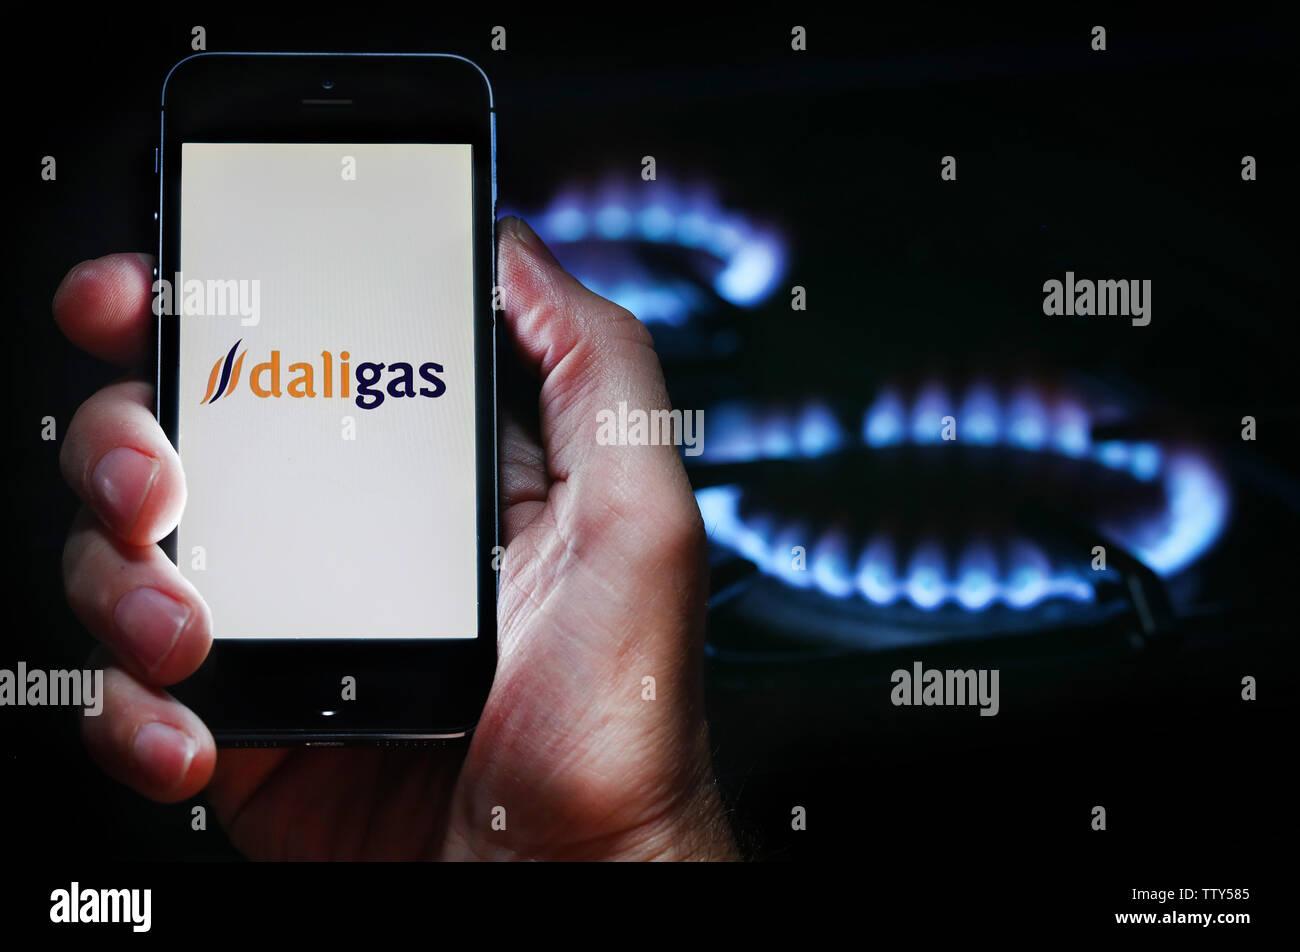 Un hombre mirando el logotipo del sitio web de la compañía de energía Daligas sobre su teléfono en frente de su cocina de gas (uso editorial solamente) Imagen De Stock